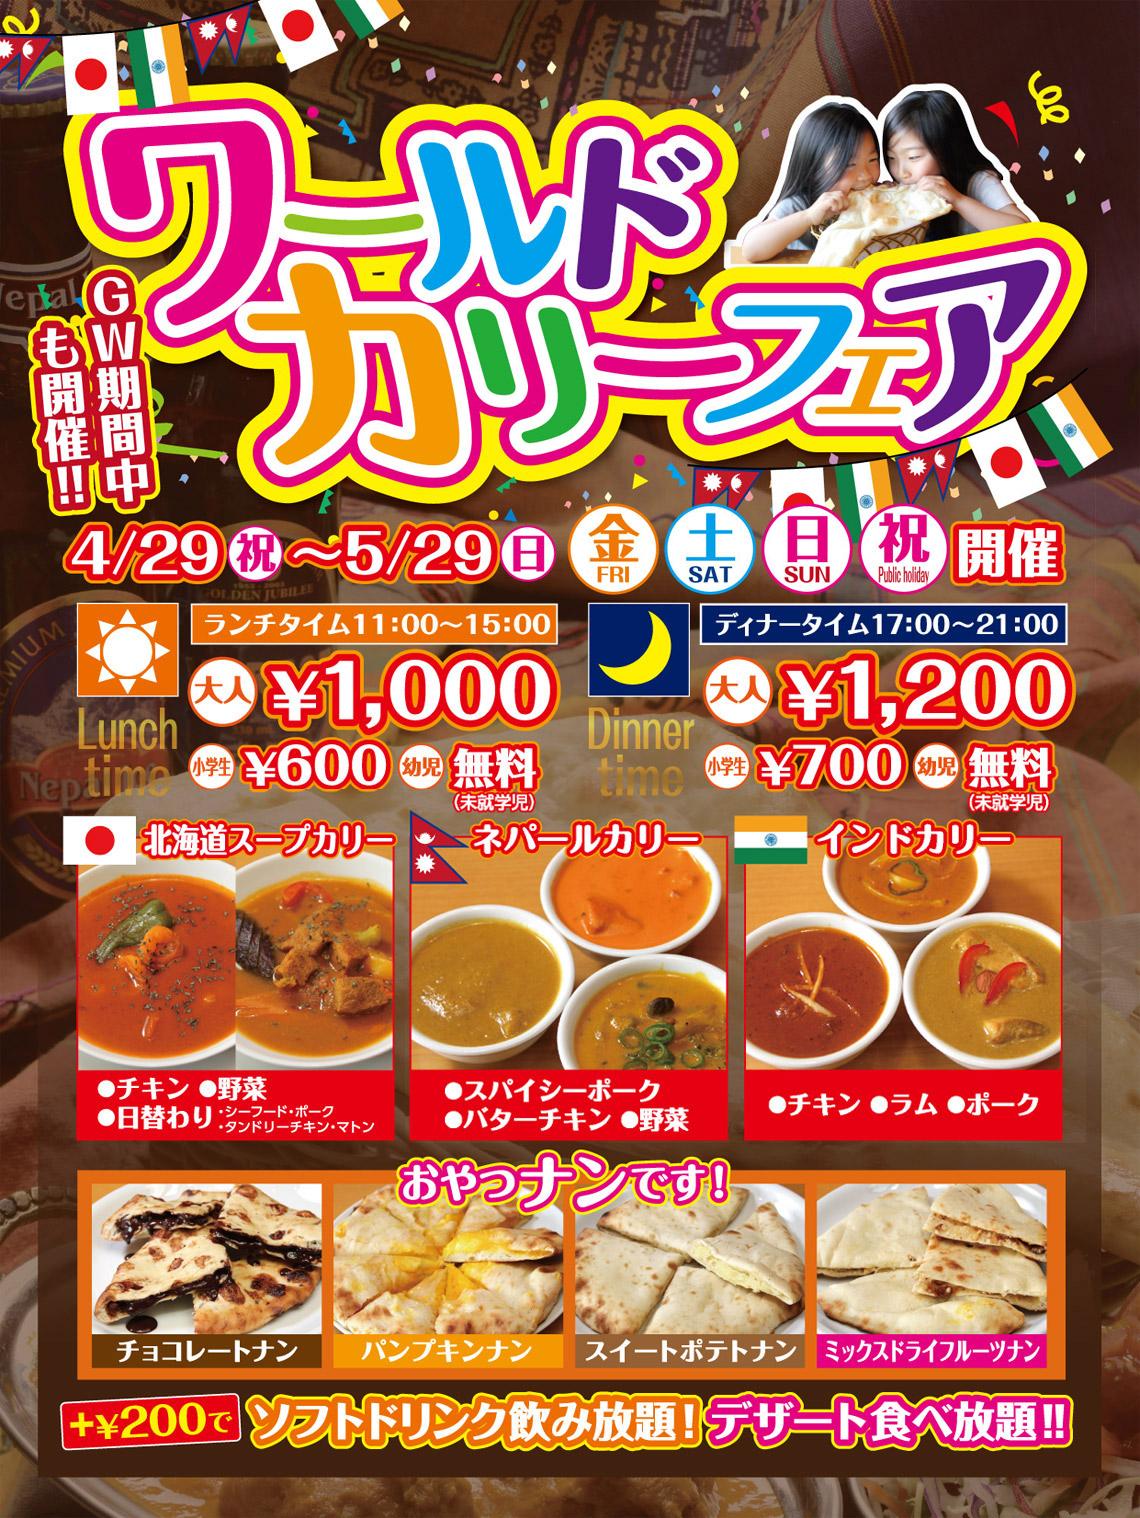 ワールドカリーフェア 4月29日(祝)〜5月29日(日)まで!